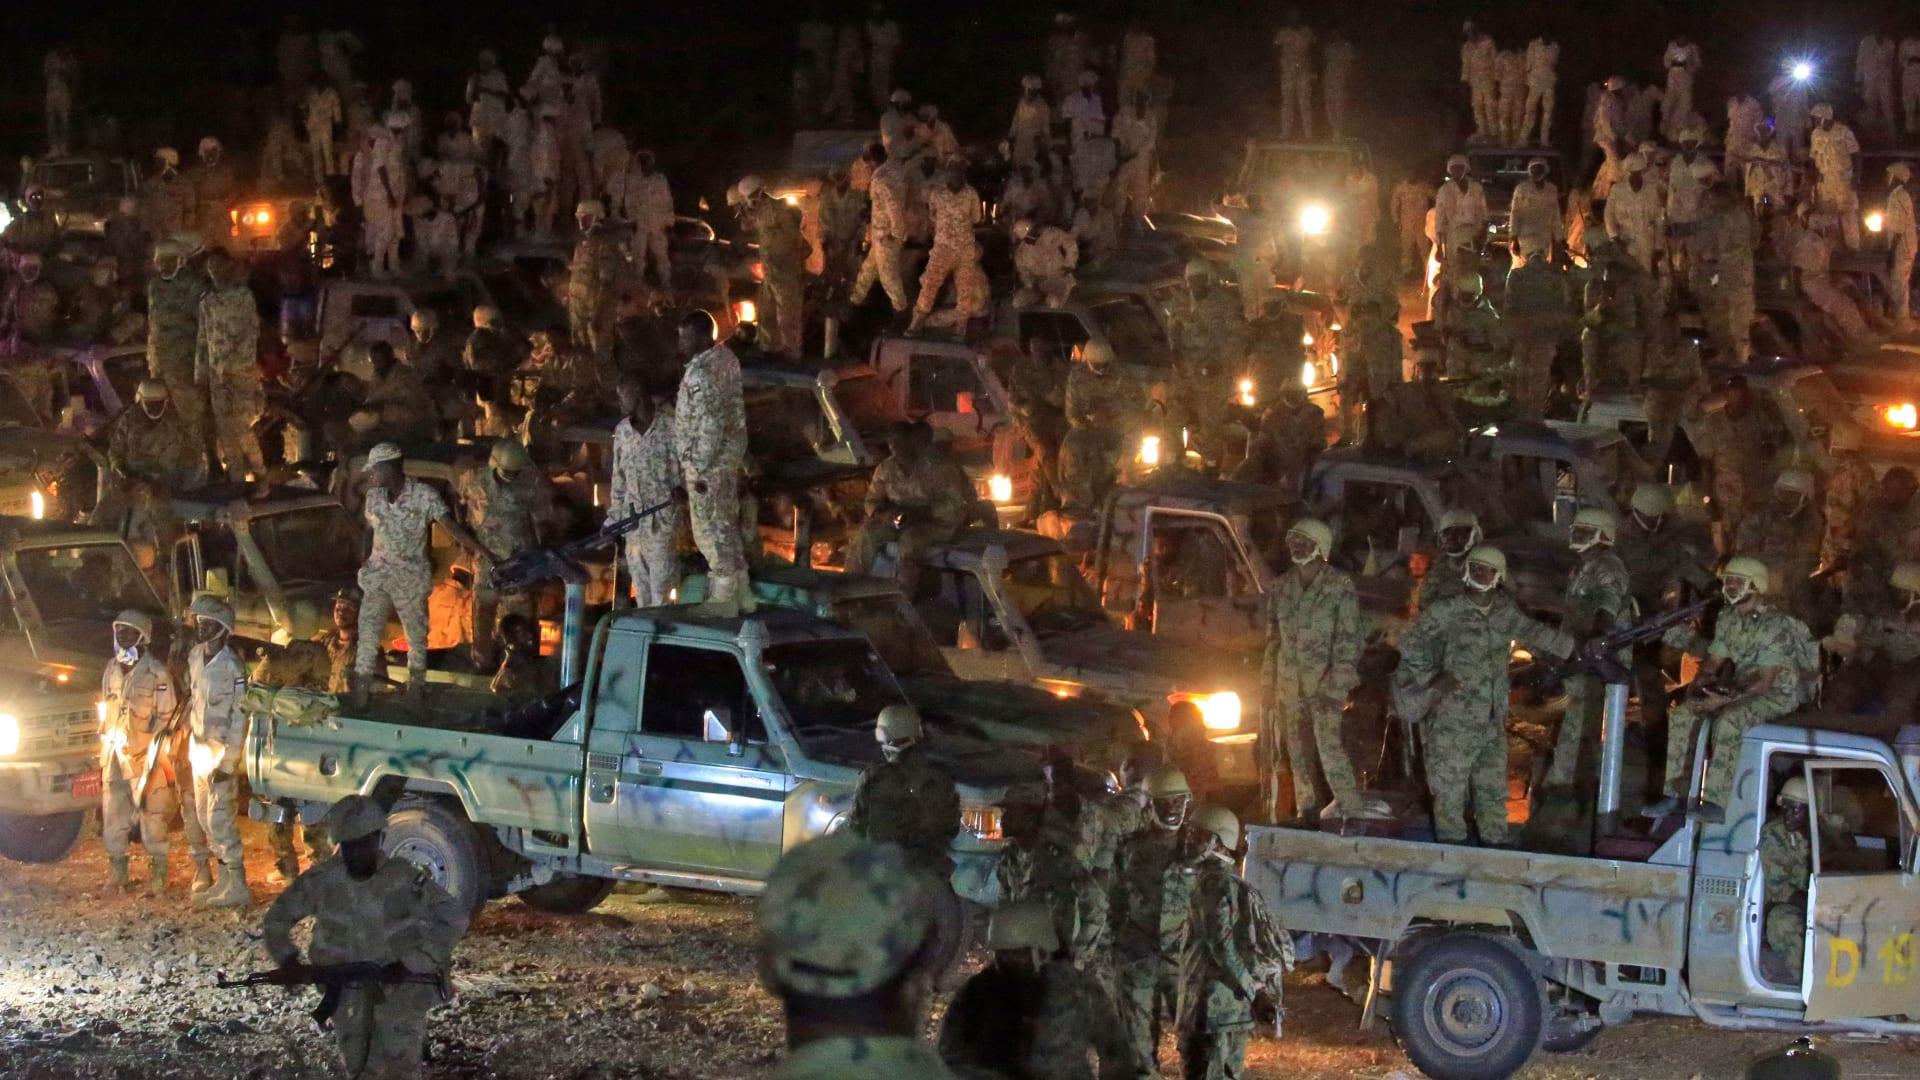 """السودان: تعزيزات عسكرية إلى الشريط الحدودي لاستعادة """"أراض مغتصبة"""" من إثيوبيا"""